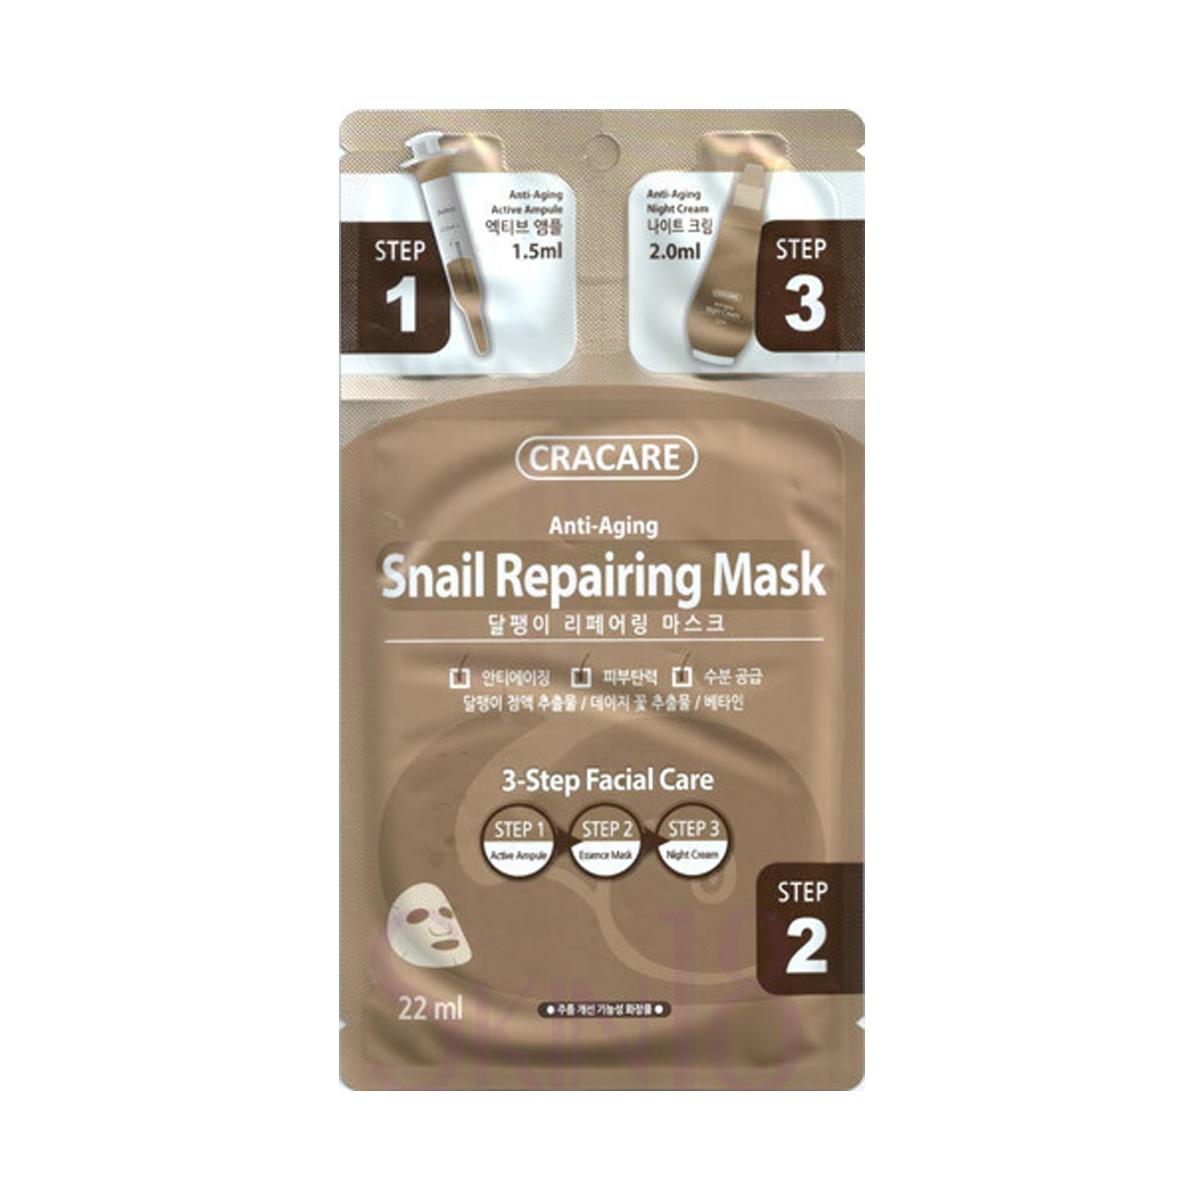 Cracare Регенерирующая маска с экстрактом слизи улитки 3 шагаFS-00897Регенерирующая маска с экстрактом слизи улитки эффективно регенерирует, восстанавливает и глубоко увлажняет кожу. 3-х Ступенчитая Противовозрастная Система Активная ампула. На очищенную кожу нанести умеренное количество, преимущественно вокруг глаз и губ, остаток ампулы может быть нанесено на область, которая Вас больше всего беспокоит. Маска. Нанести маску на лицо, оставить на 20-30 минут. .Затем снять маску, а остатки геля легкими движениями распределить по лицу.Ночной крем. Нанести умеренное количество, преимущественно вокруг глаз и губ.Меры предосторожности: Хранить в недоступном для детей месте. Избегать контакта с глазами.Срок годности: 3 года с даты изготовления.